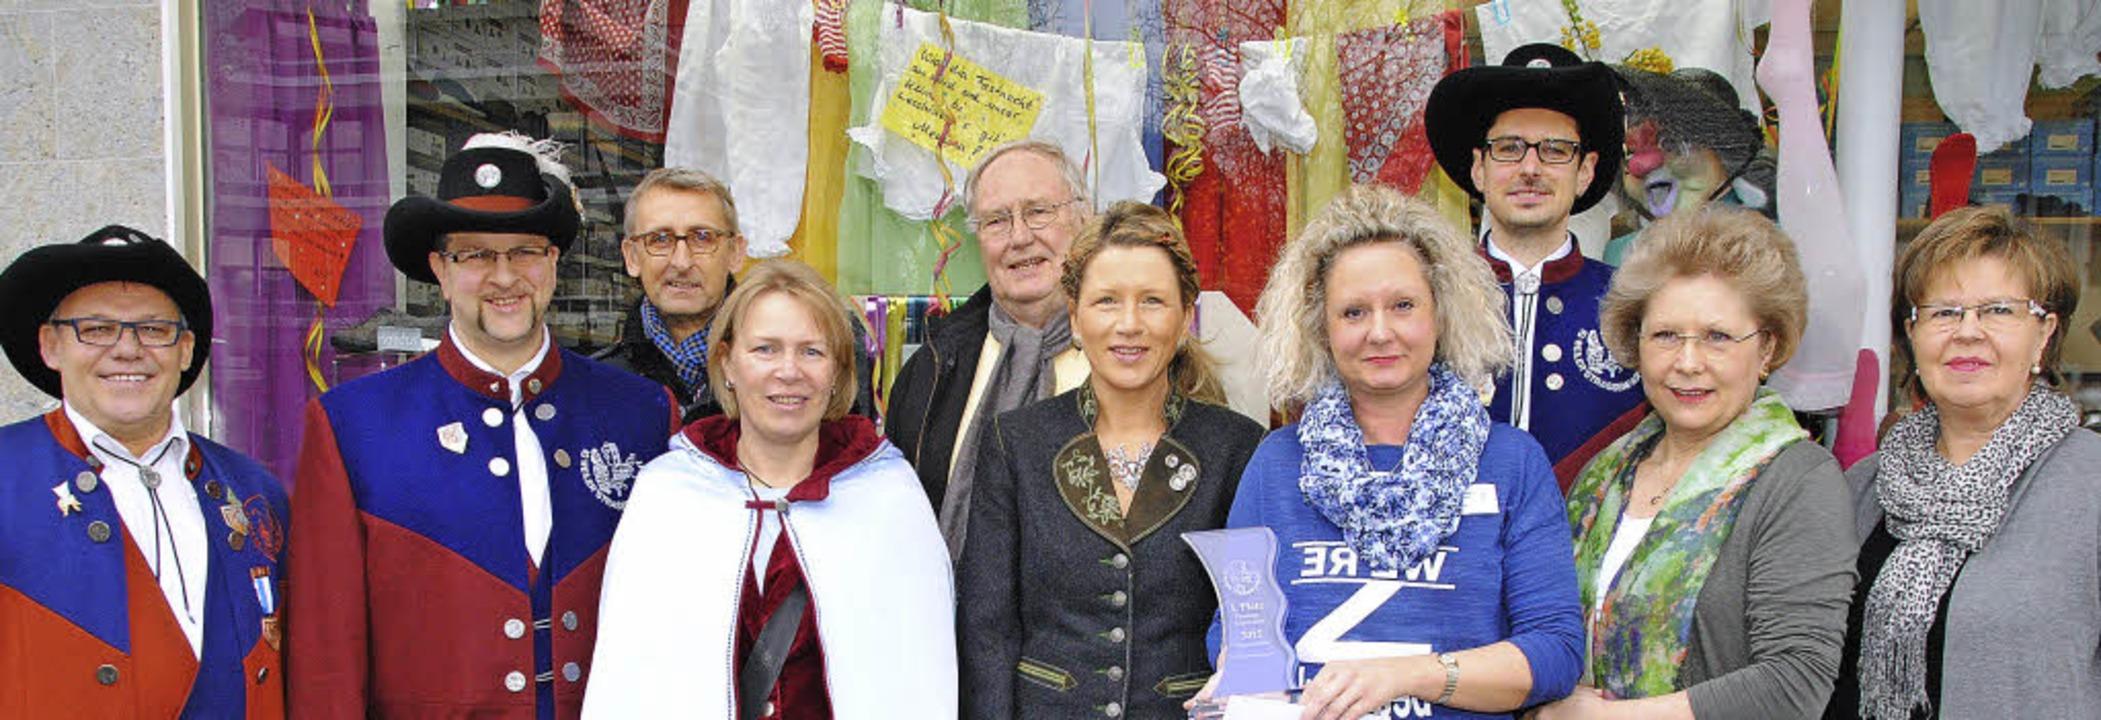 Karin Filipowitz, Inhaberin Annemarie ...haufensterwettbewerb entgegen nehmen.   | Foto: SEDLAK